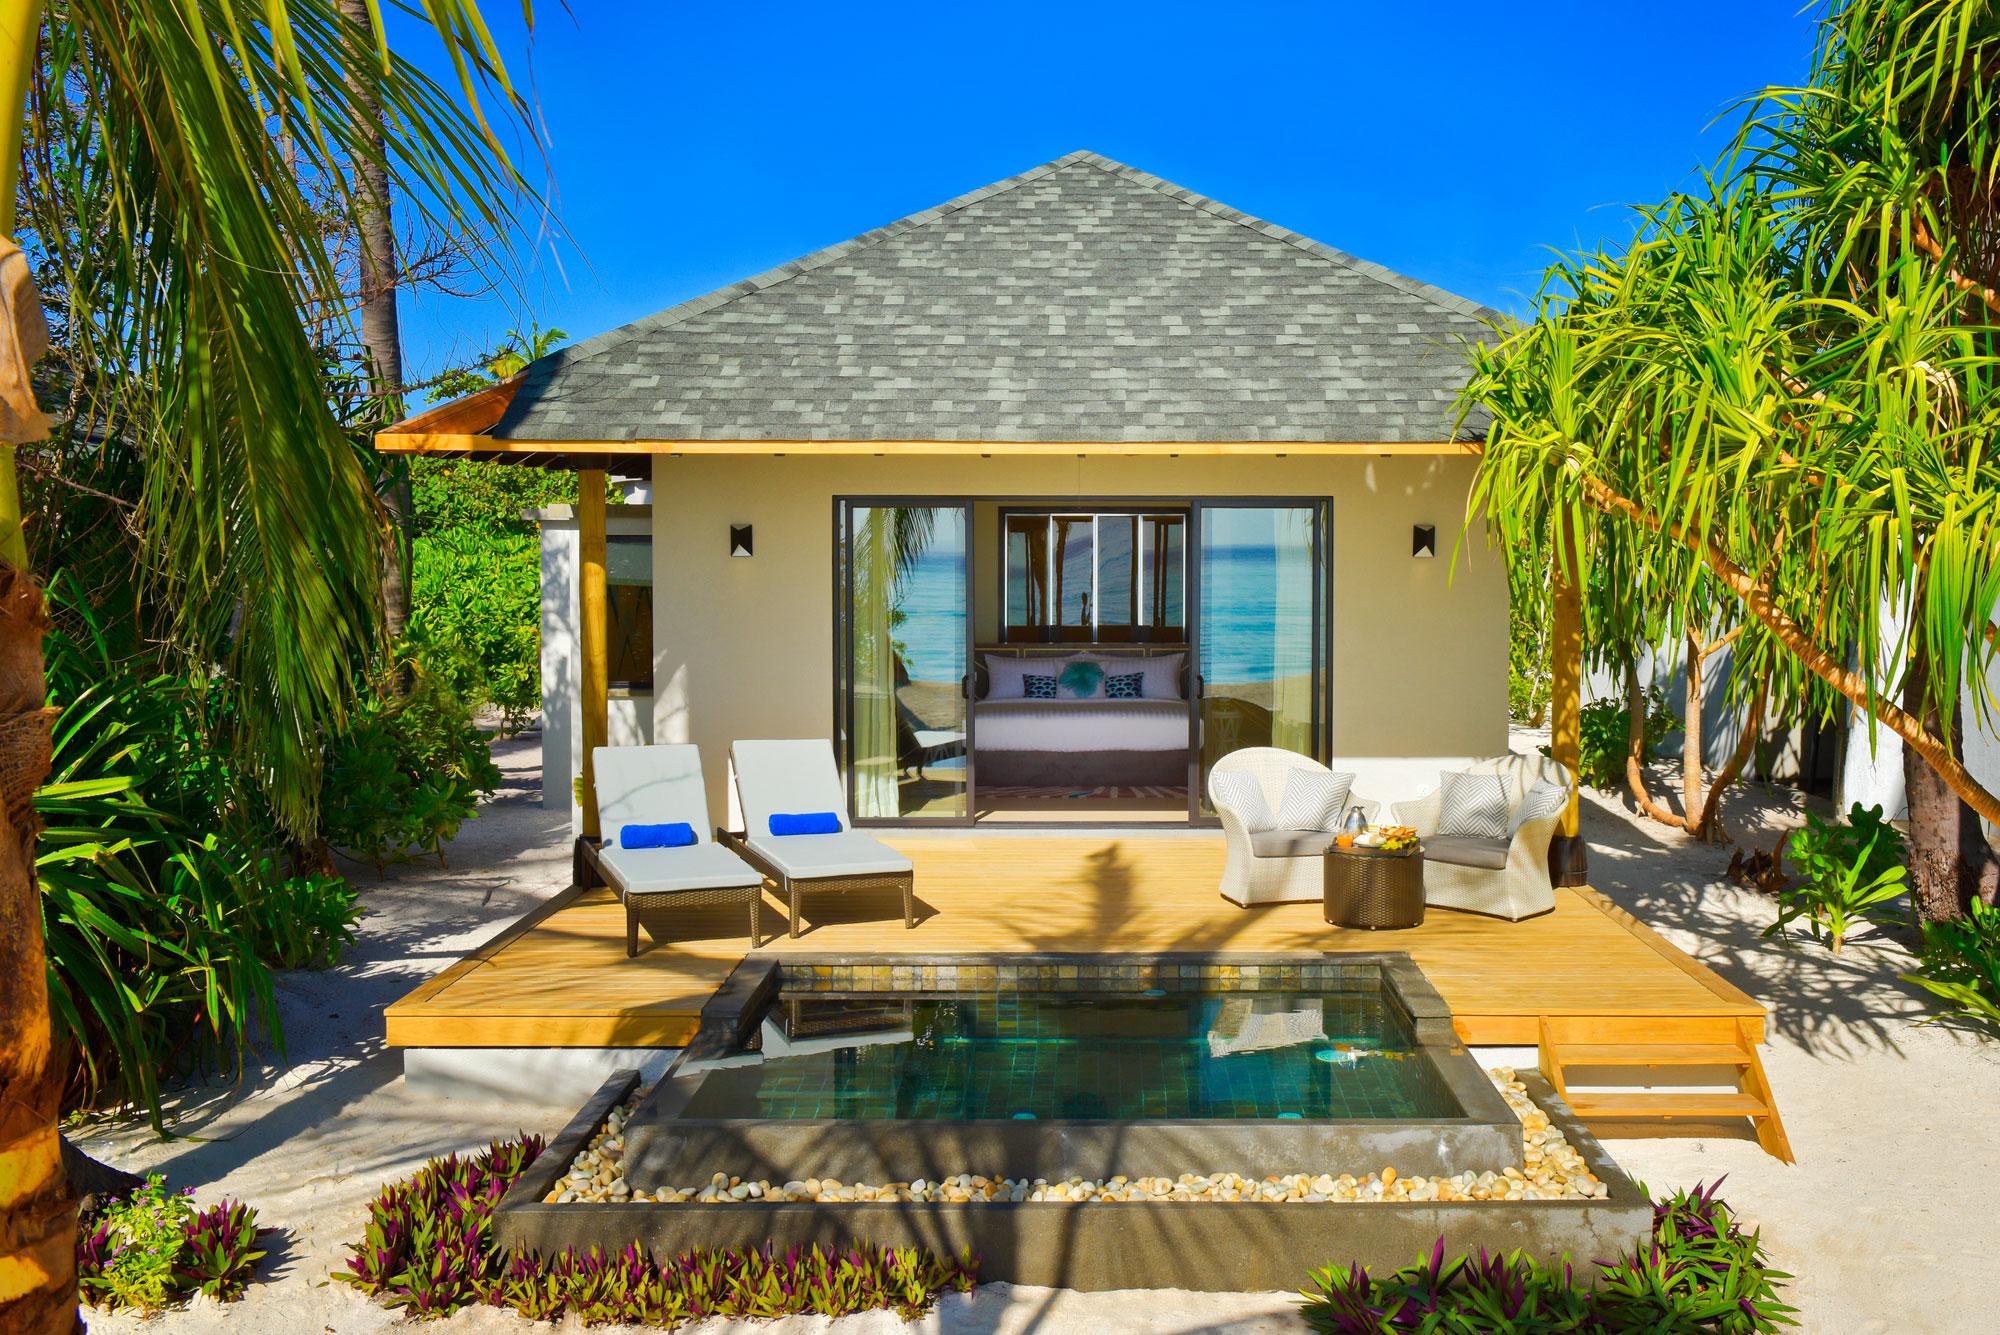 Amari Open Their First Maldivian Resort, Havodda Maldives